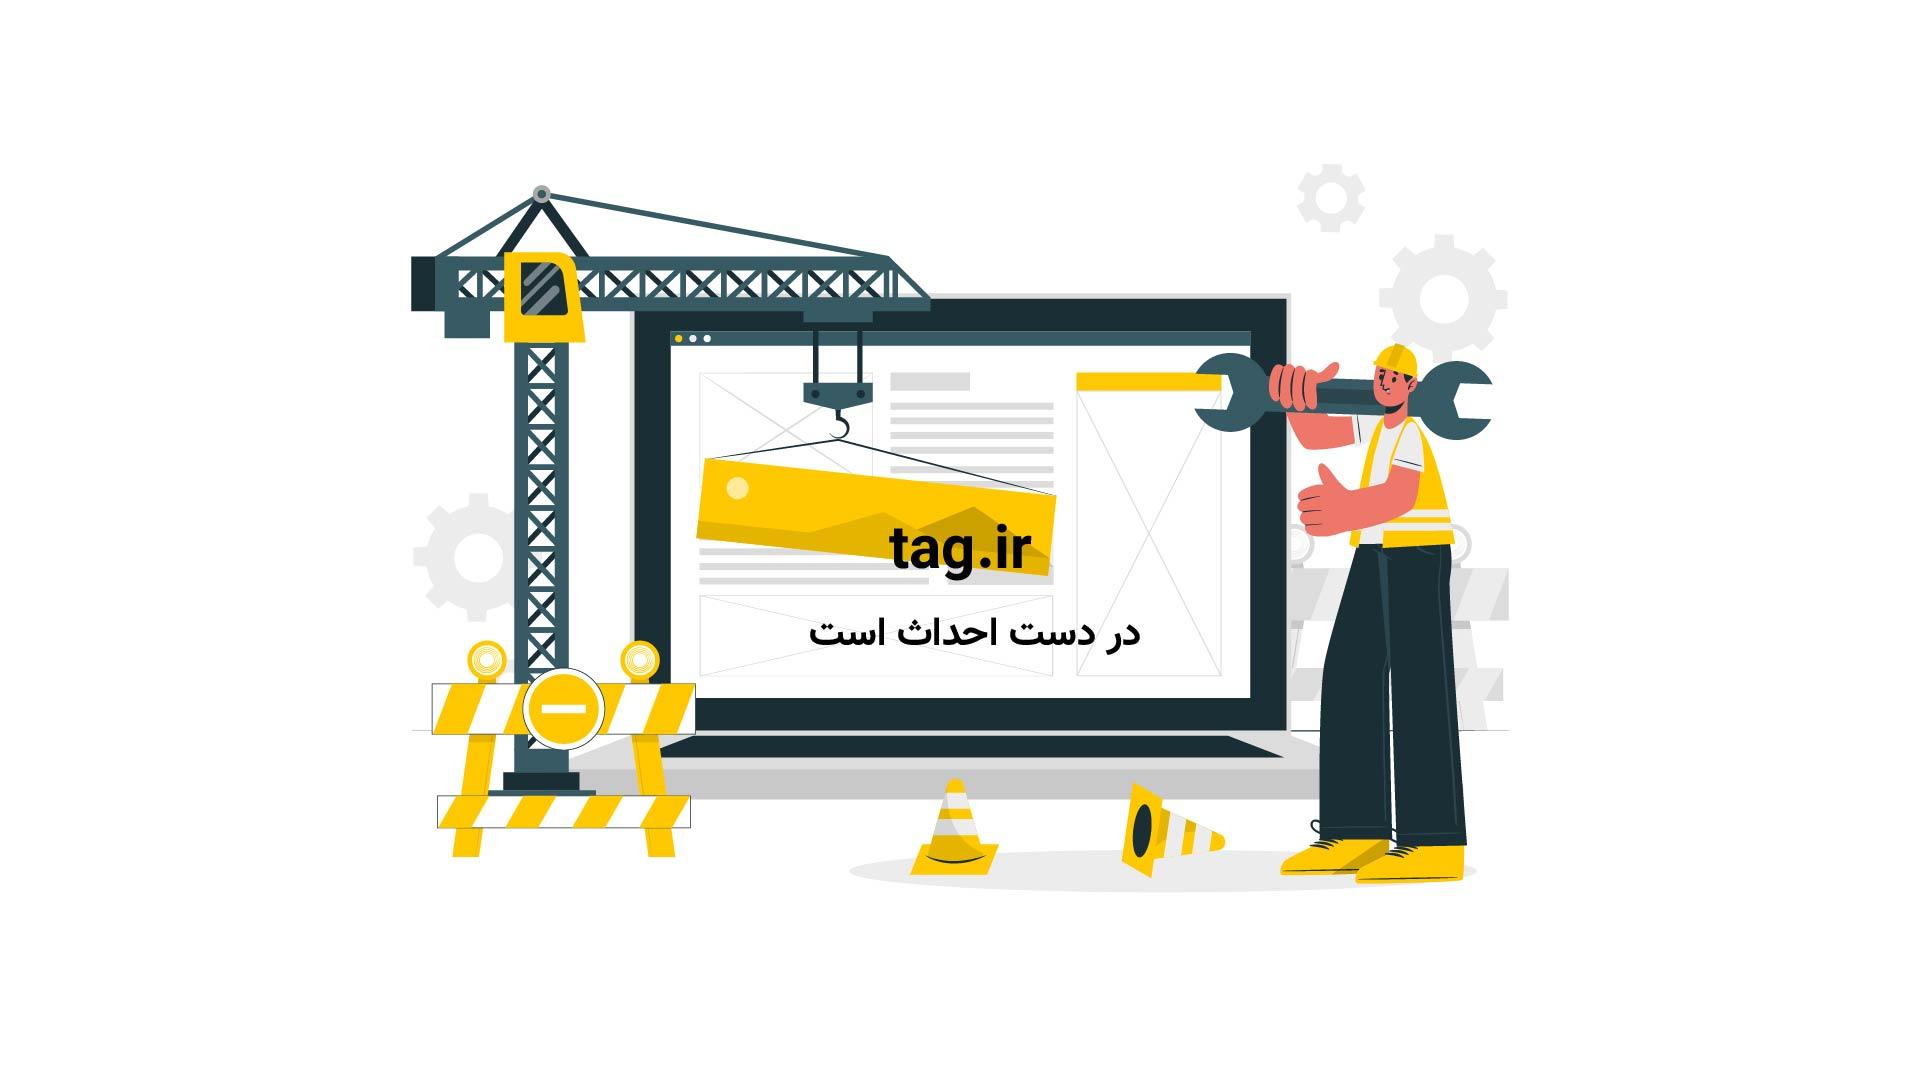 دوربین-رده-ابتدایی-کانن | تگ